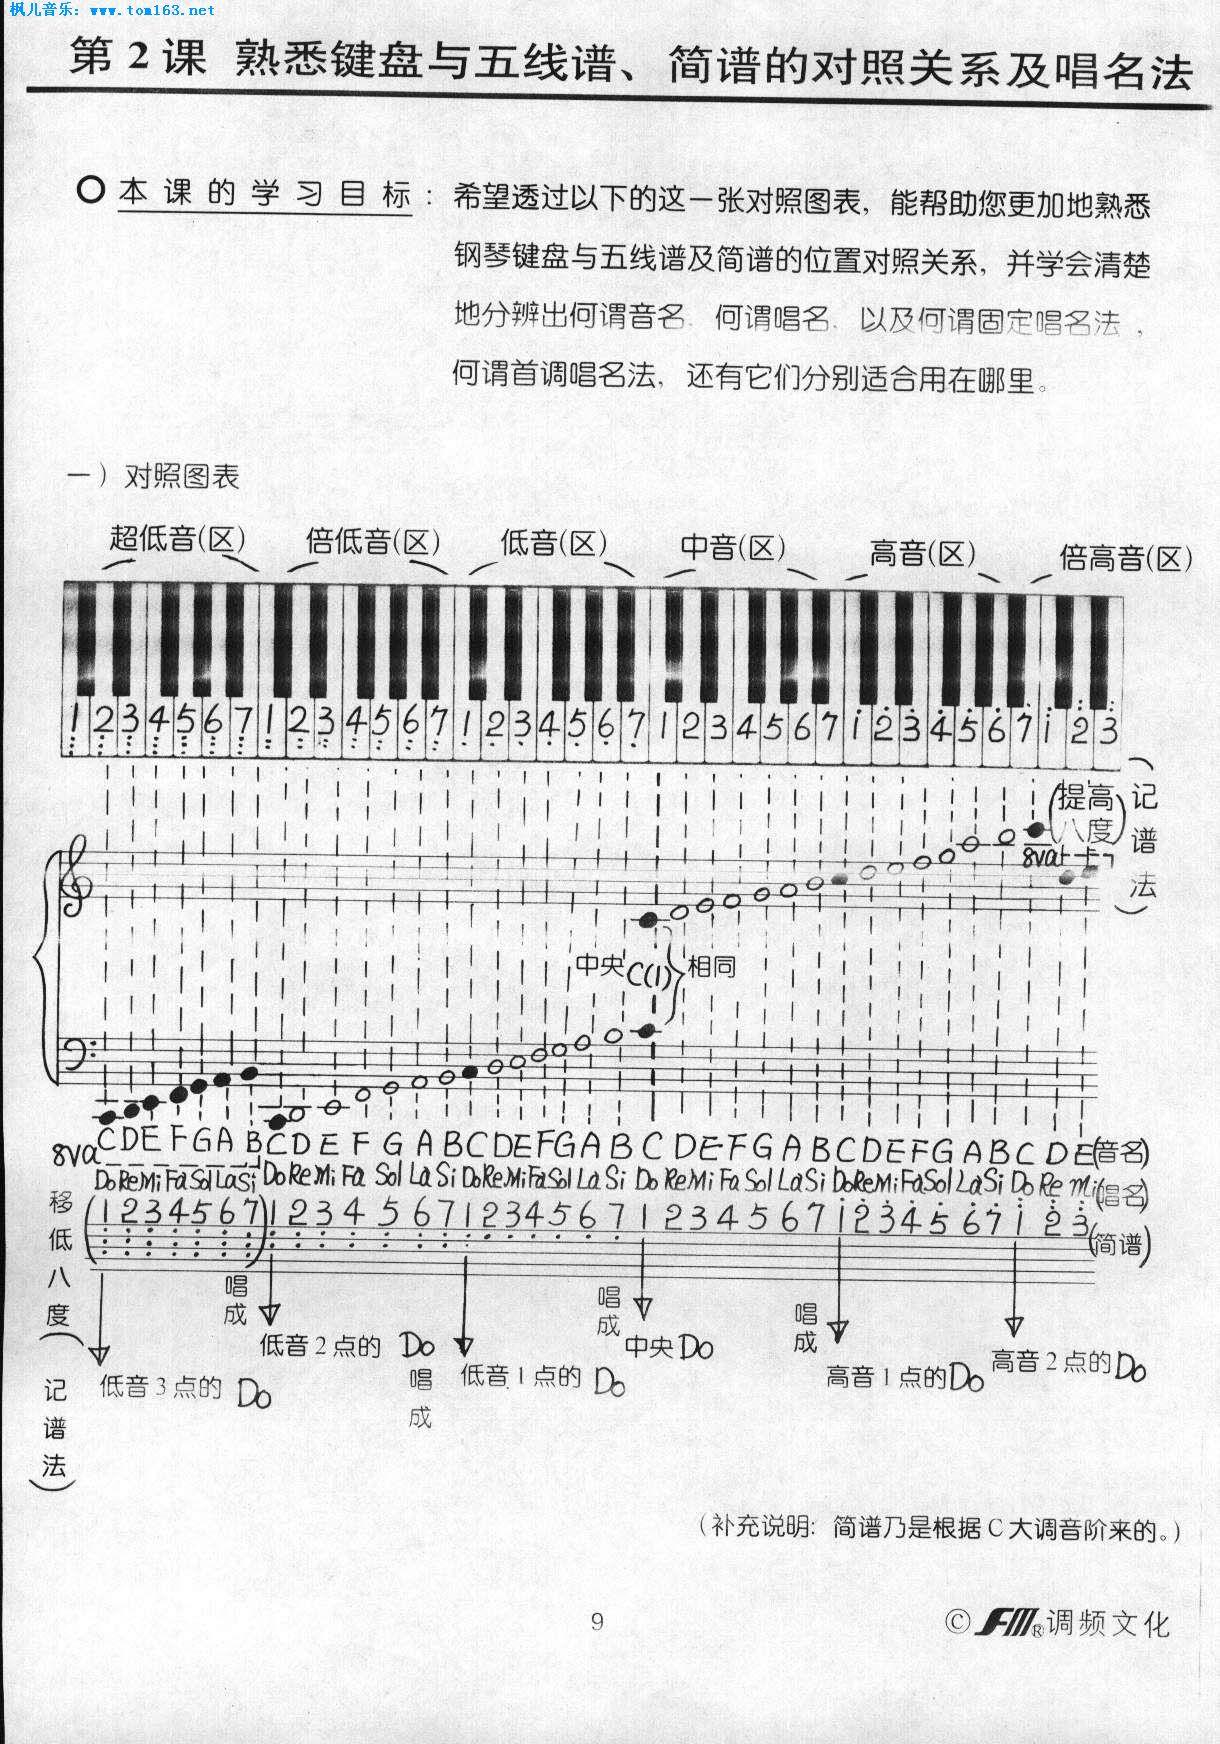 五线谱简谱对照表简谱与五线谱对照表钢琴五线谱图片